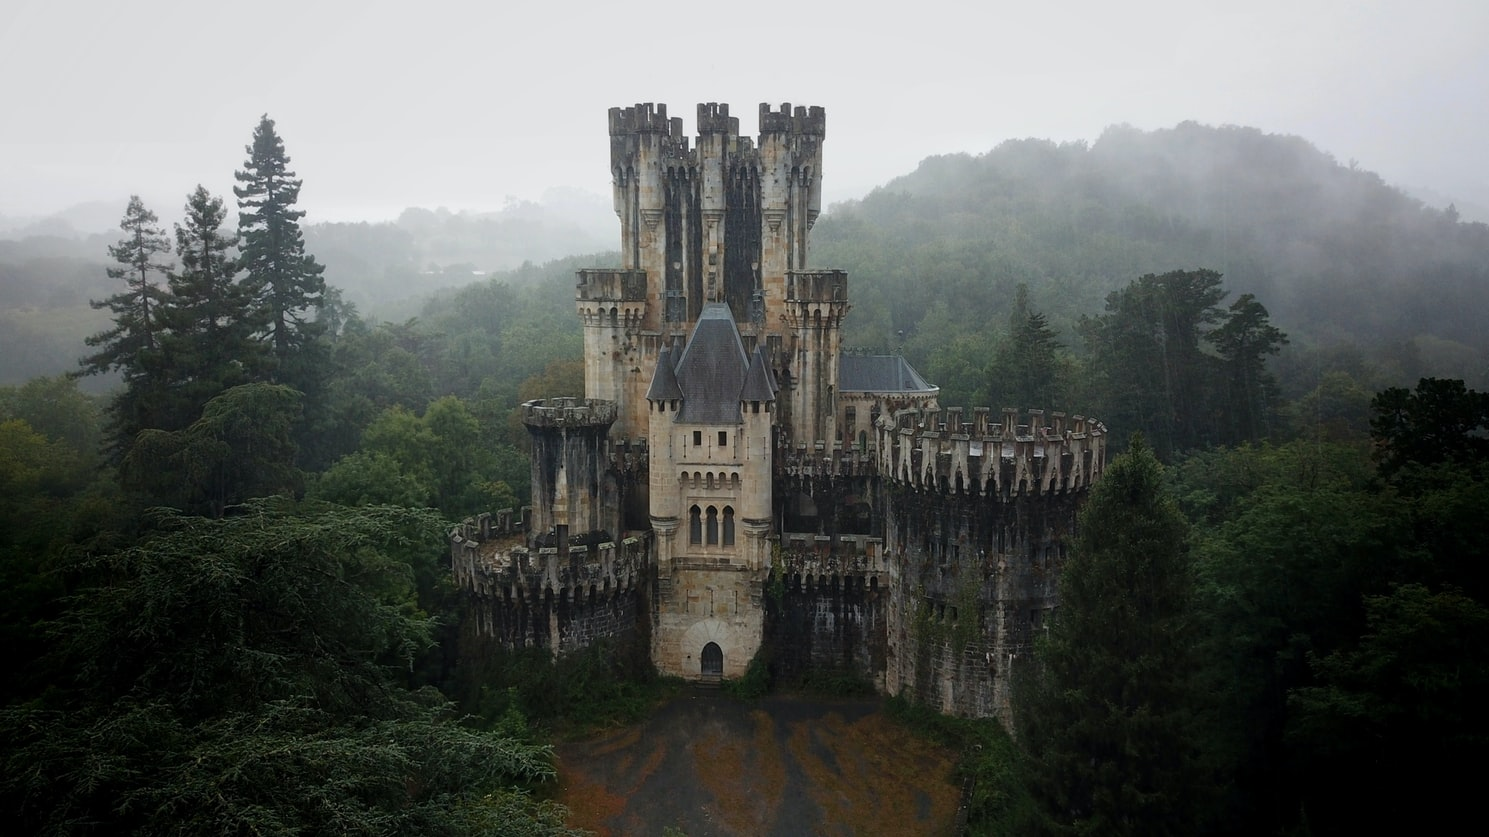 Haunted Moosham Castle in Austria